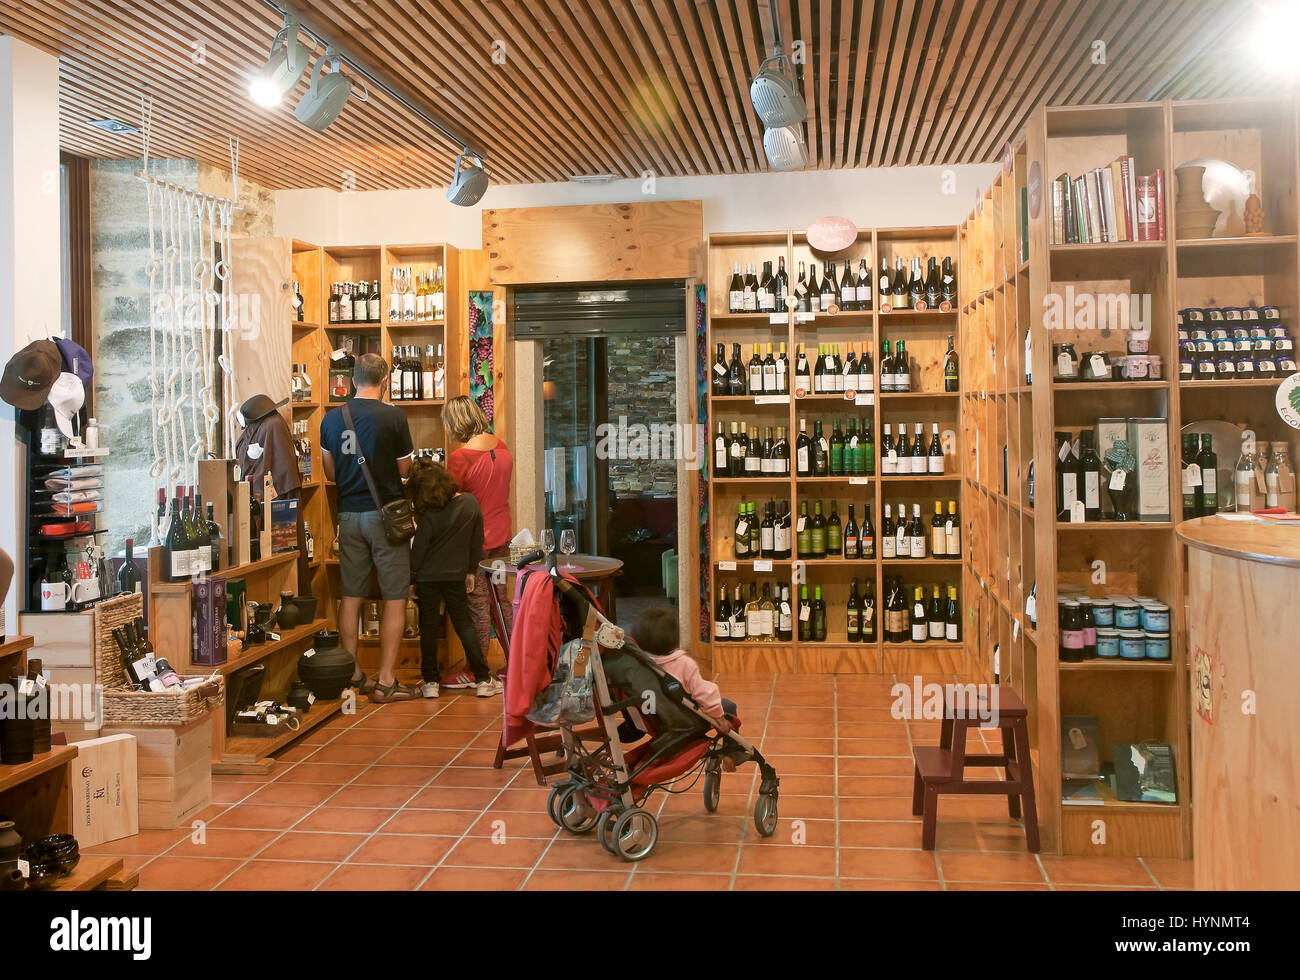 Wine center - Ribeira Sacra, Monforte de Lemos, Lugo province, Region of Galicia, Spain, Europe Stock Photo